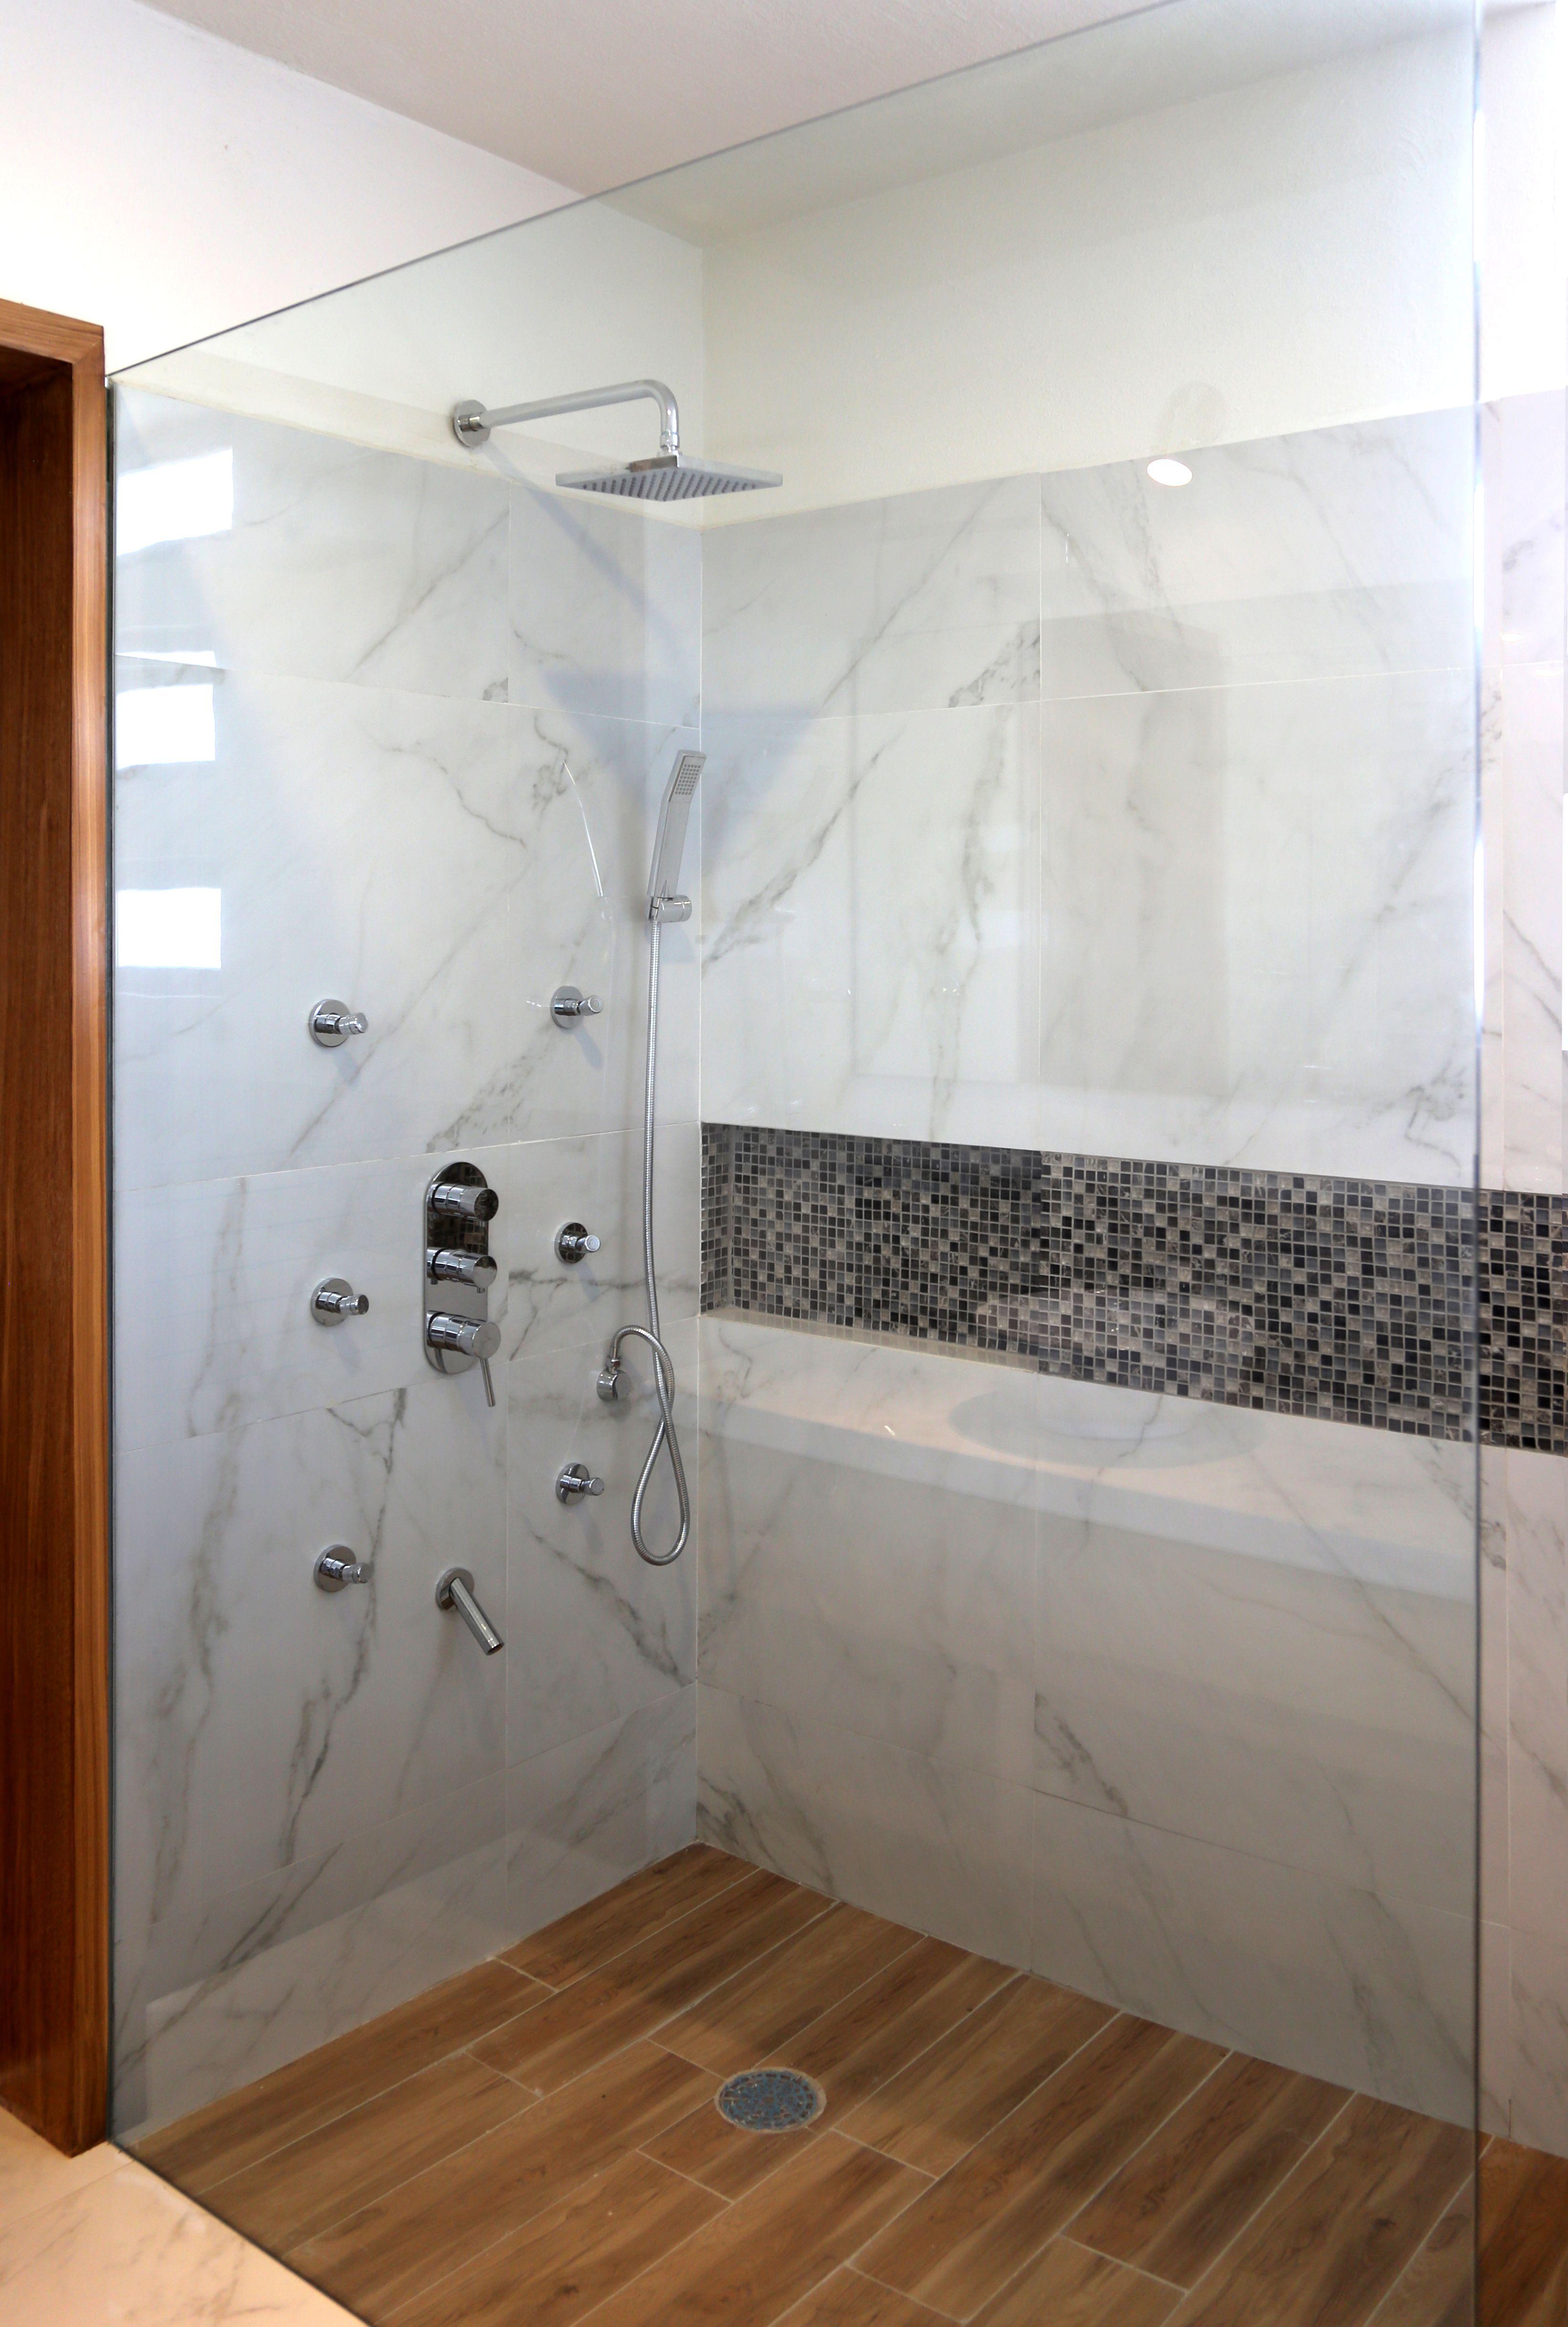 Elige tu regadera y dale un toque distinto a tu baño casa andrade